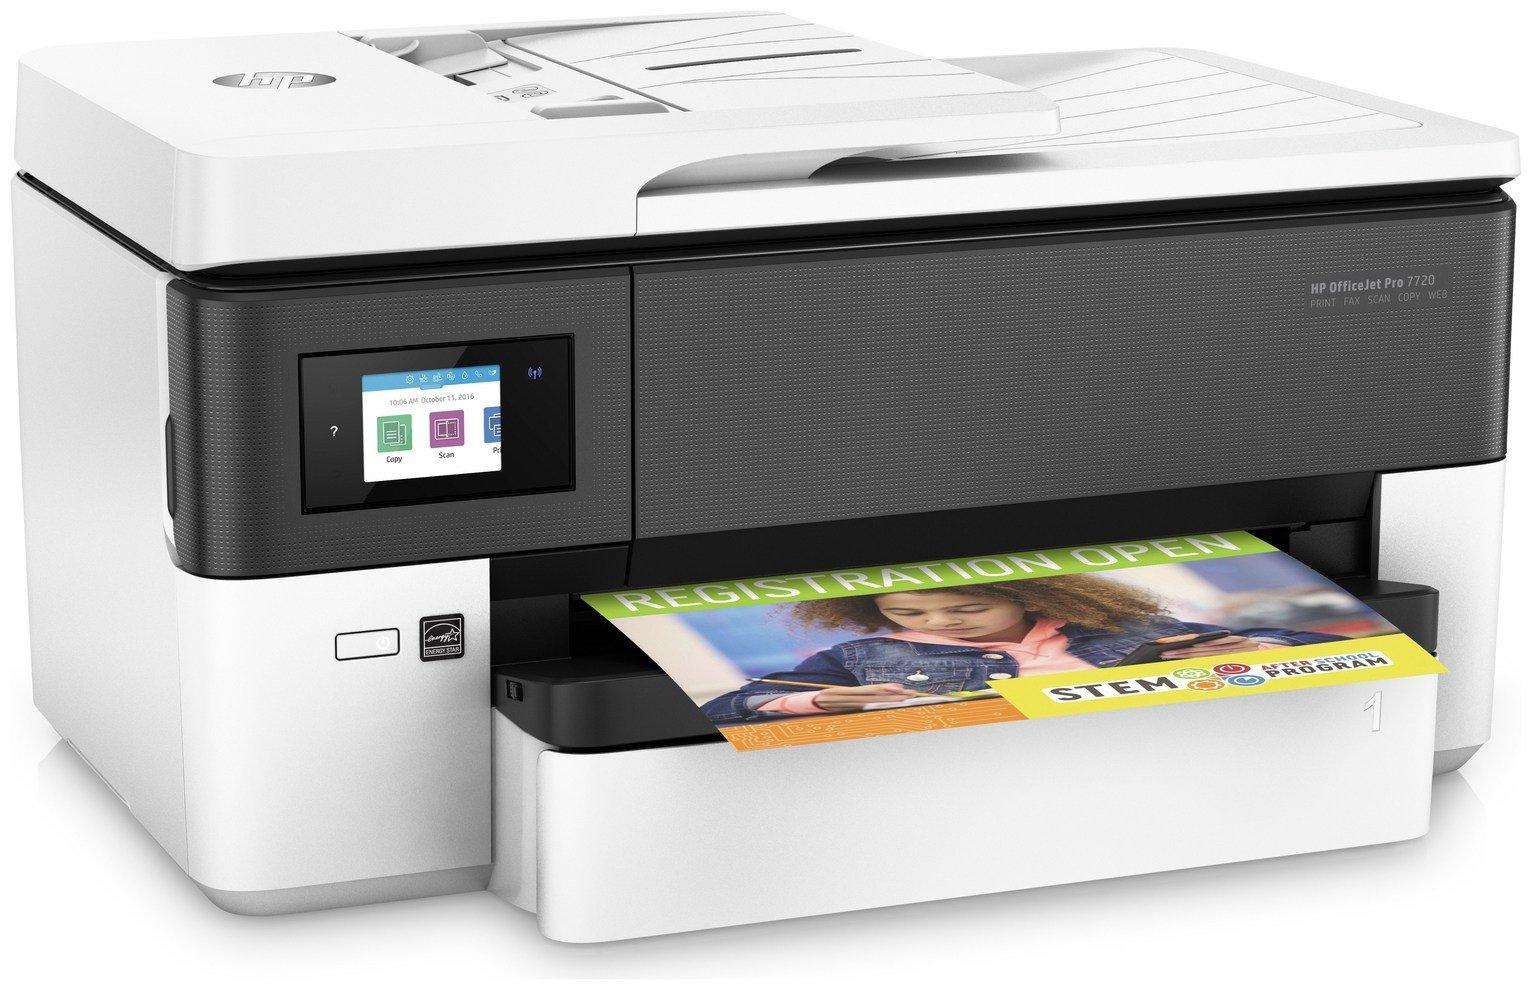 HP OfficeJet Pro 7720 A3 Wireless Printer